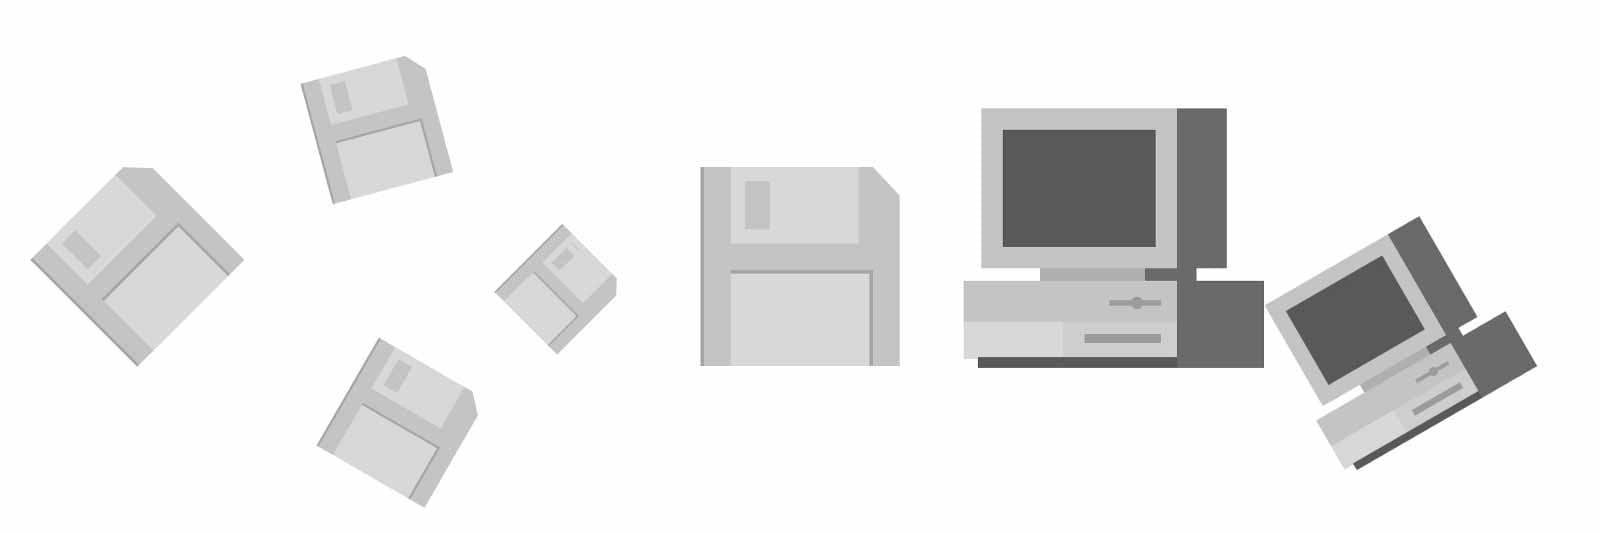 Illustration: Old hardware, using old app design